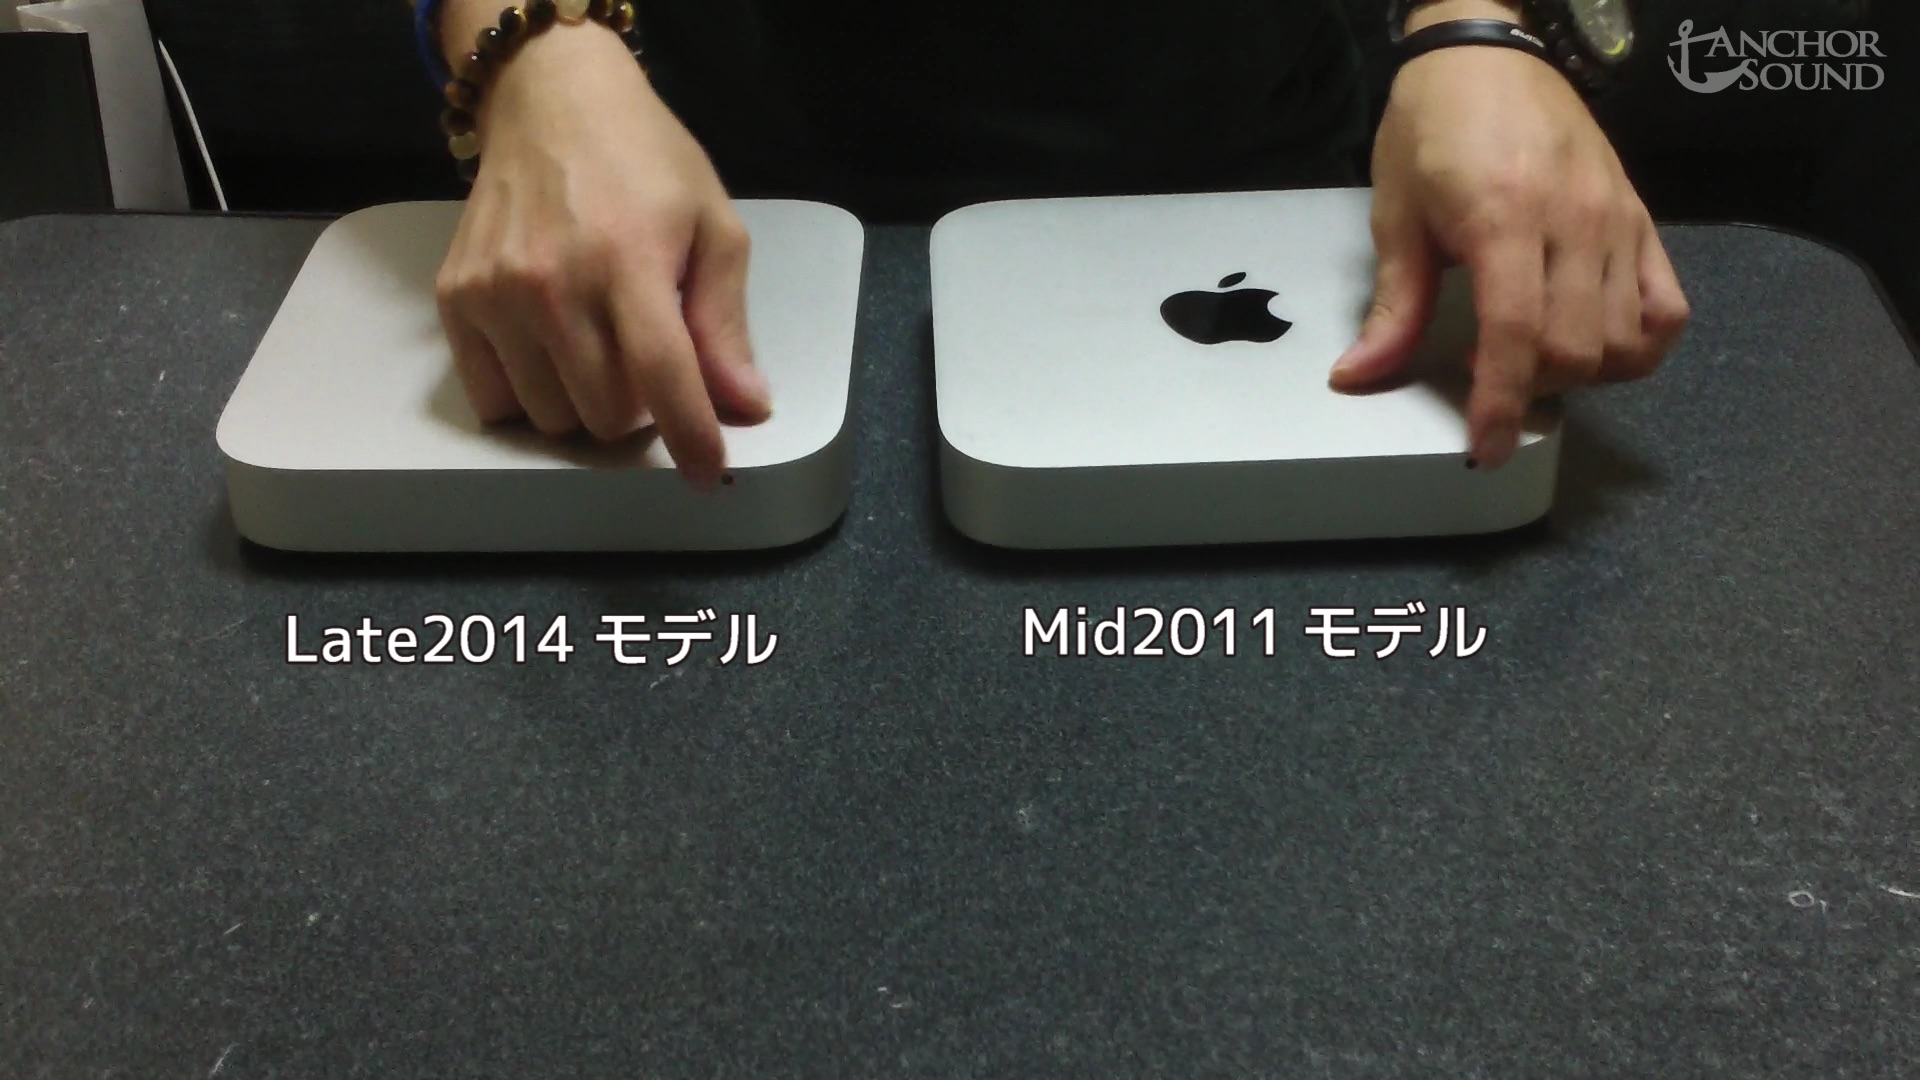 [動画]Mac壊れる~Macmini late2014へ買い替え